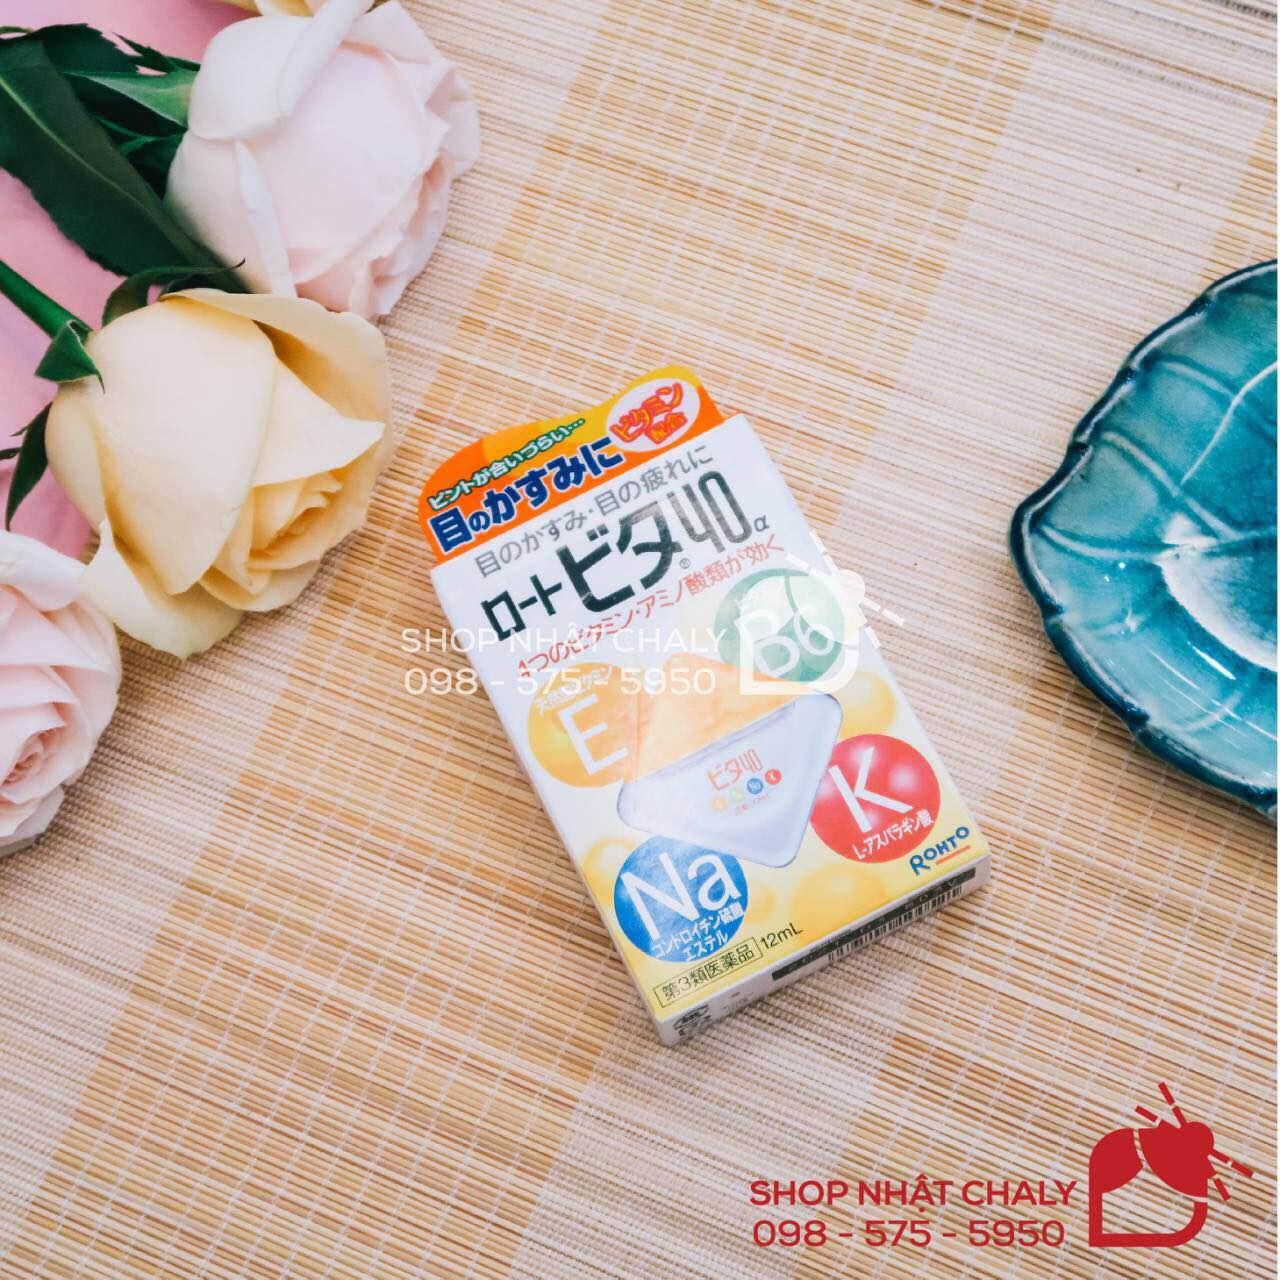 Thuốc nhỏ mắt Rohto vita 40 Nhật Bản là tên gọi khác của thuốc nhỏ mắt rohto nhật màu vàng, dịu nhẹ với mắt, phù hợp mắt nhạy cảm